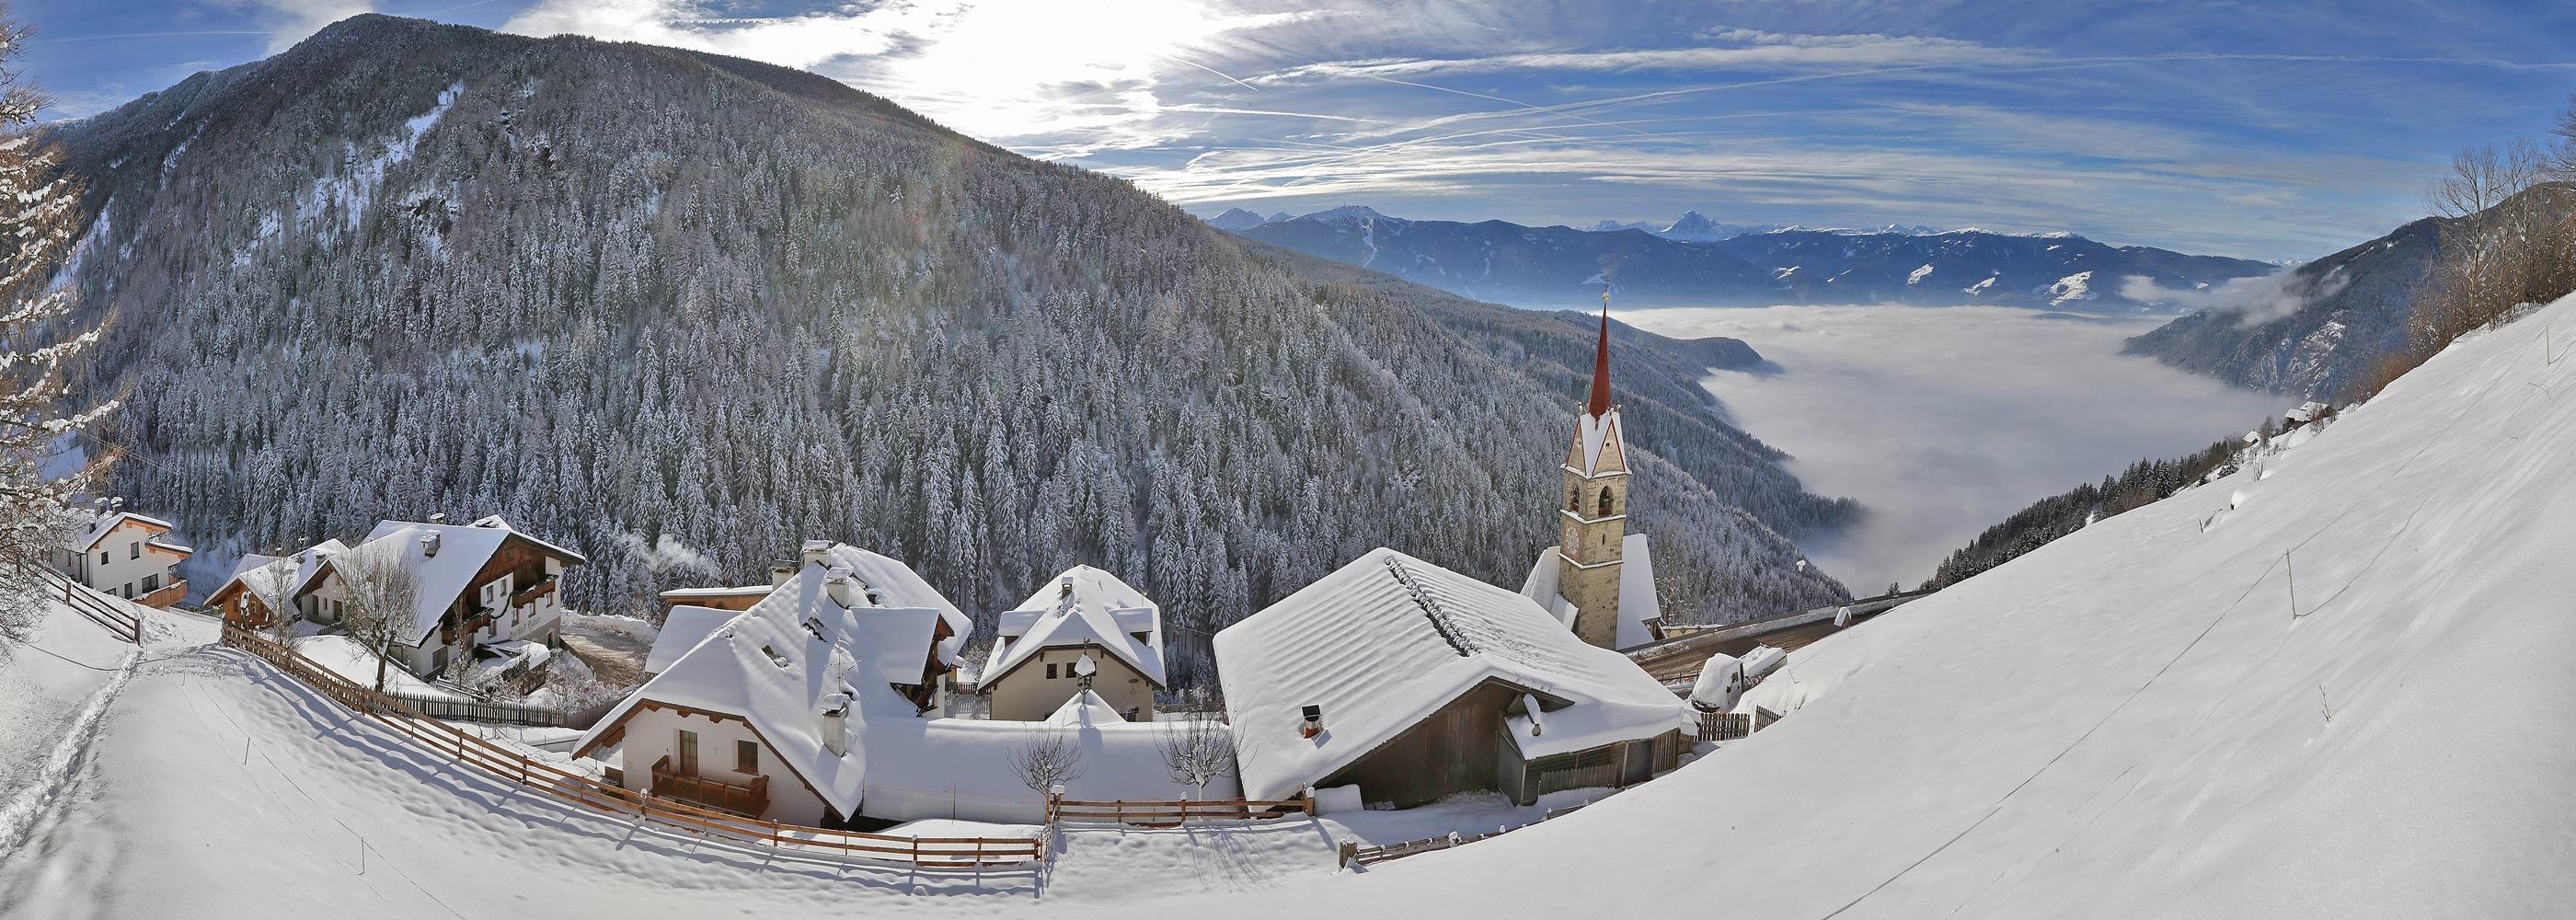 inverno-ski-vacanze-plan-de-corones-kronplatz-suedtirol-alto-adige